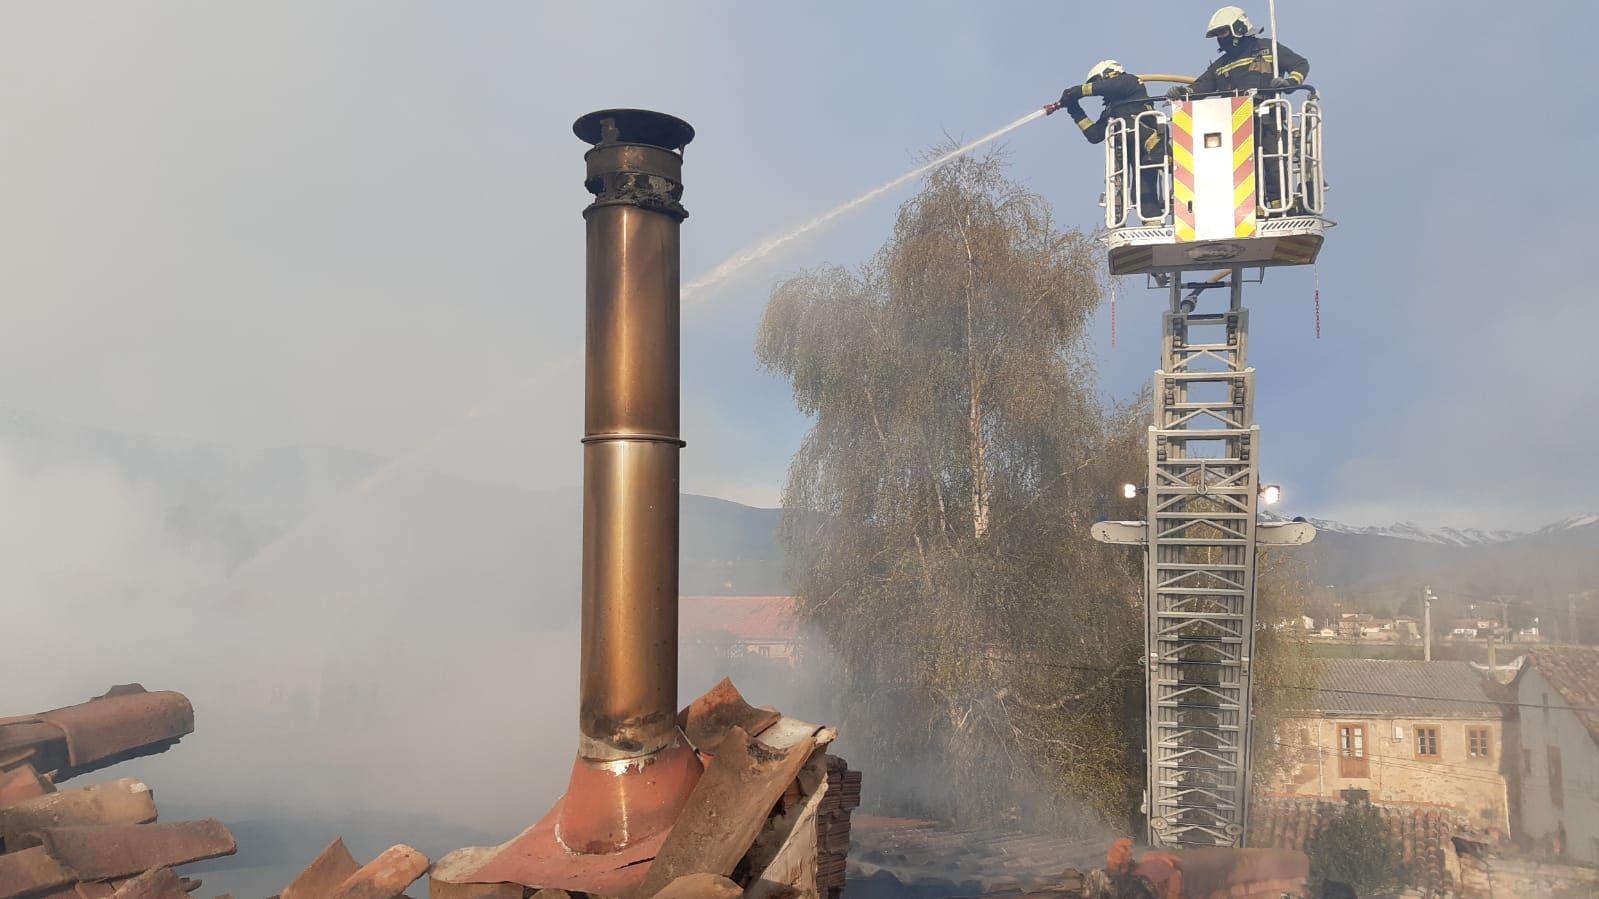 Bomberos en escala extinguiendo el incendio